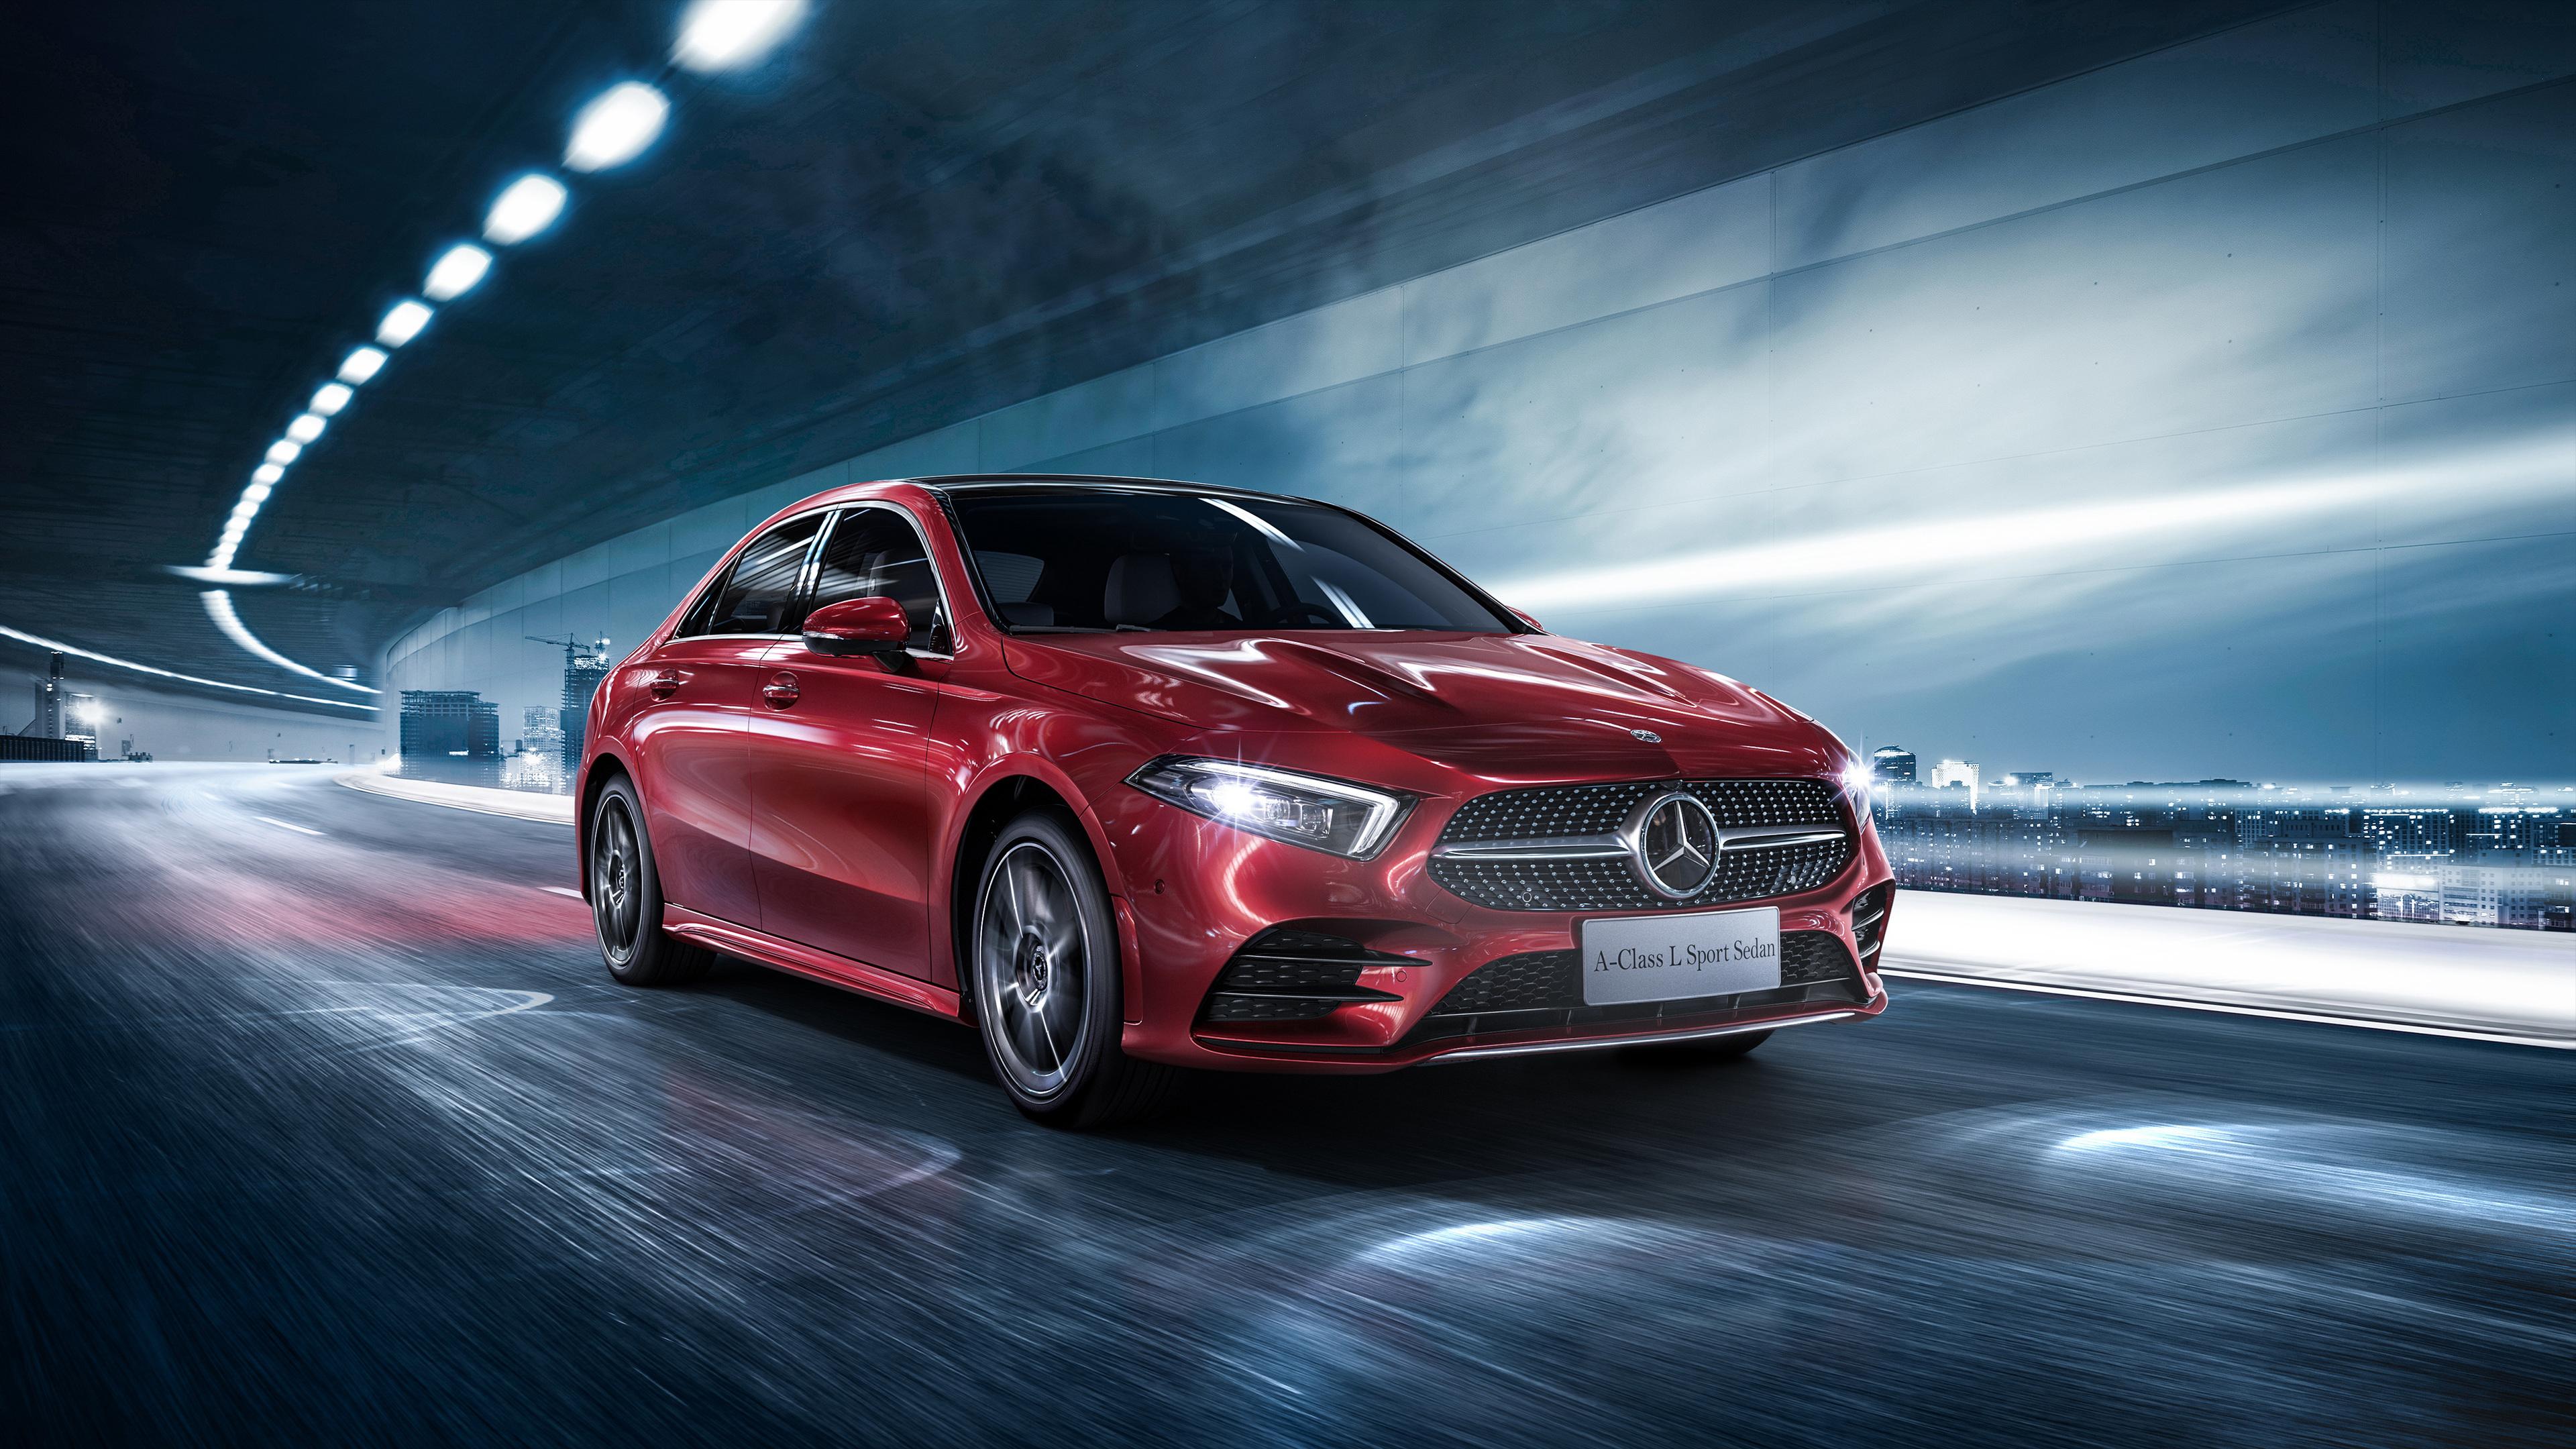 2018 mercedes benz a 200 l sport sedan 1539110996 - 2018 Mercedes Benz A 200 L Sport Sedan - mercedes wallpapers, mercedes benz wallpapers, hd-wallpapers, cars wallpapers, 2018 cars wallpapers